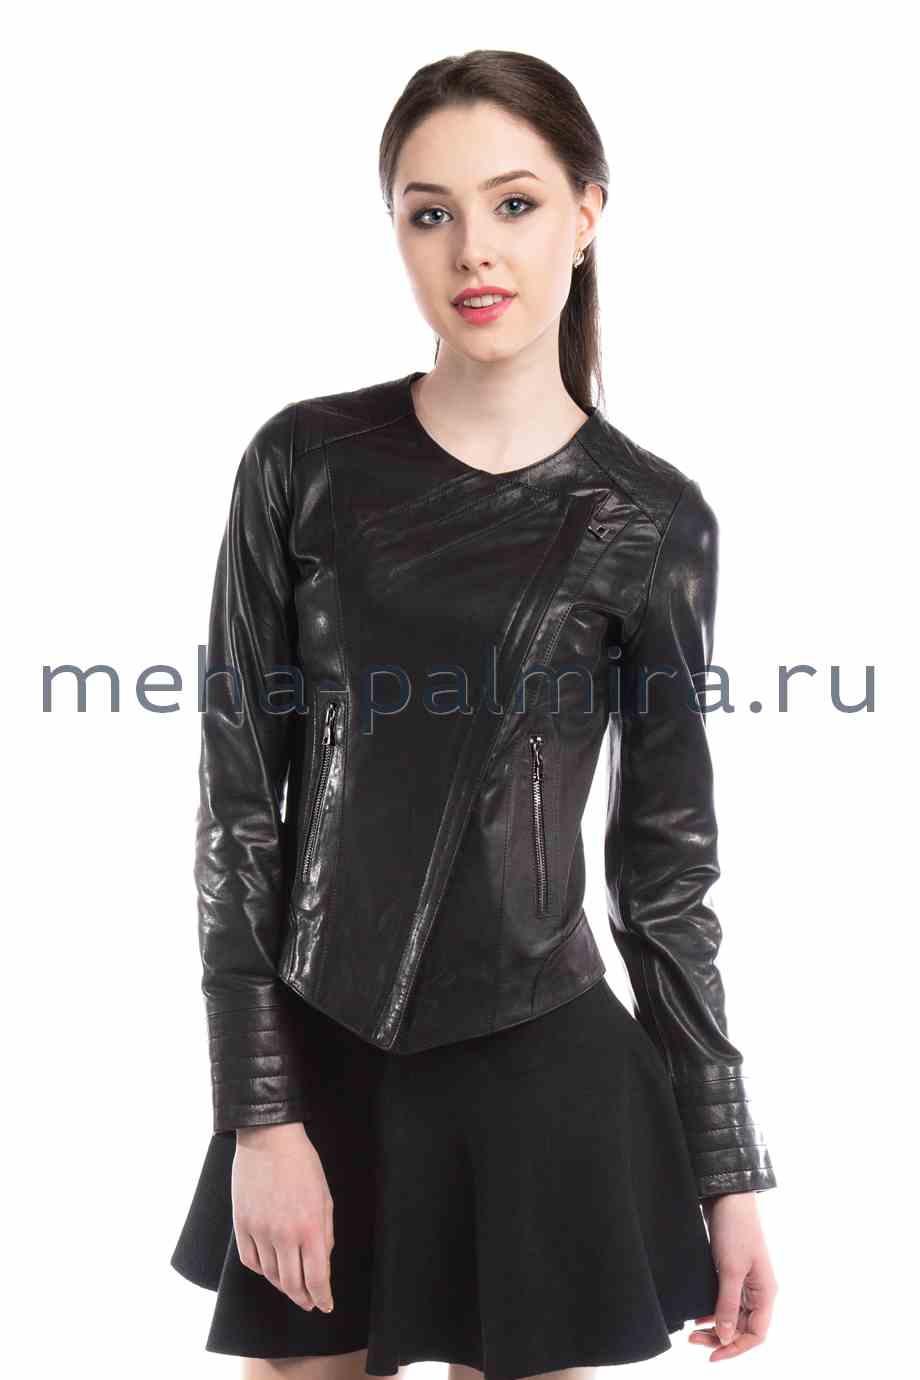 Кожаная куртка косуха , ворот шанель, черная